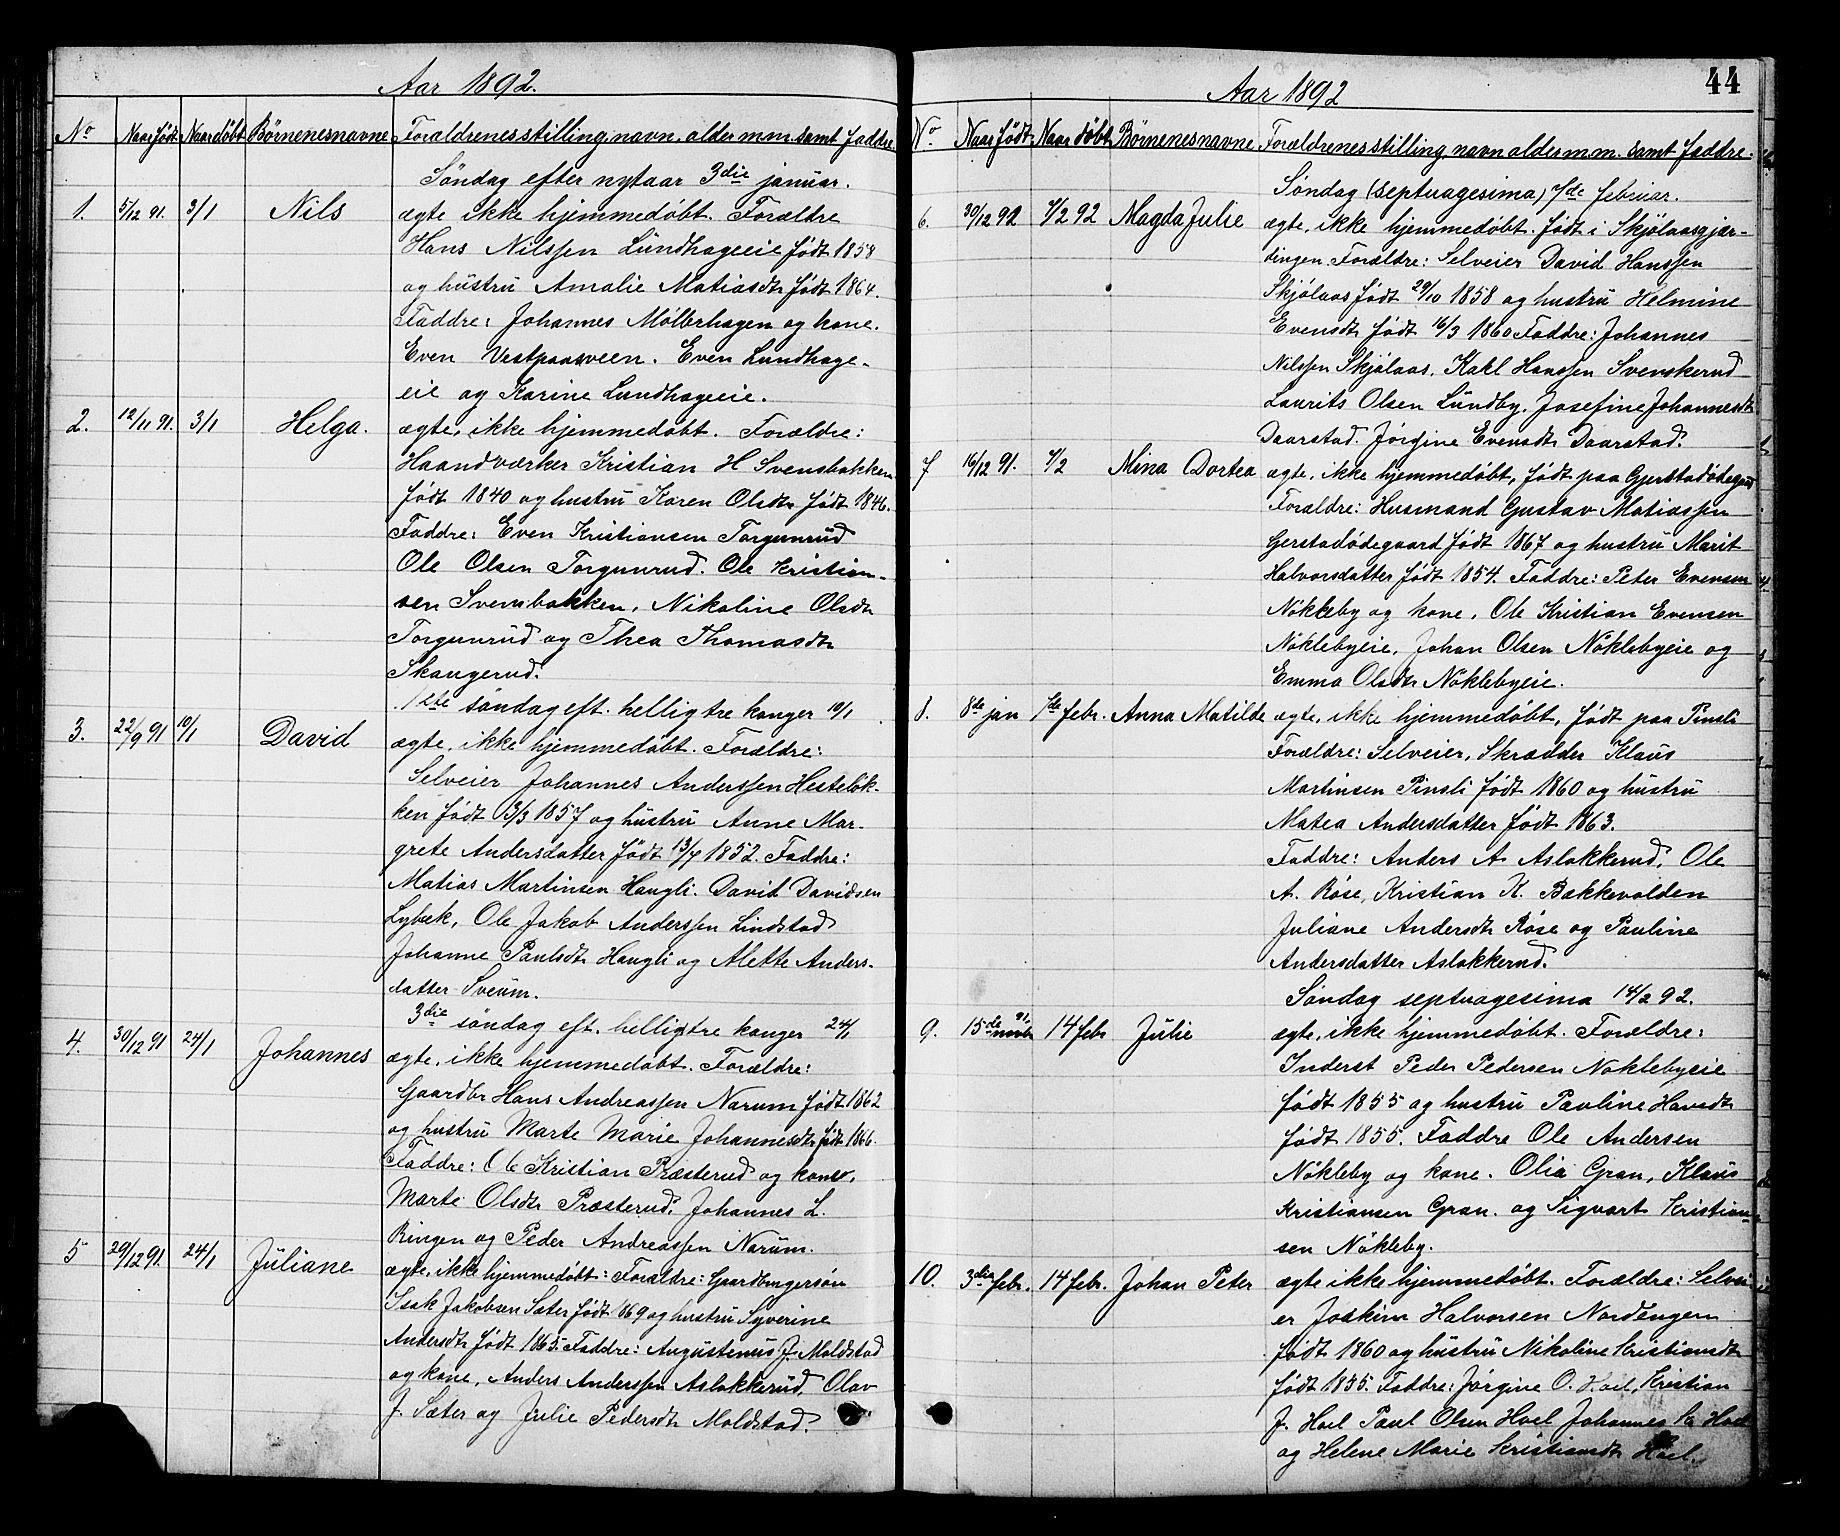 SAH, Vestre Toten prestekontor, Klokkerbok nr. 8, 1885-1900, s. 44